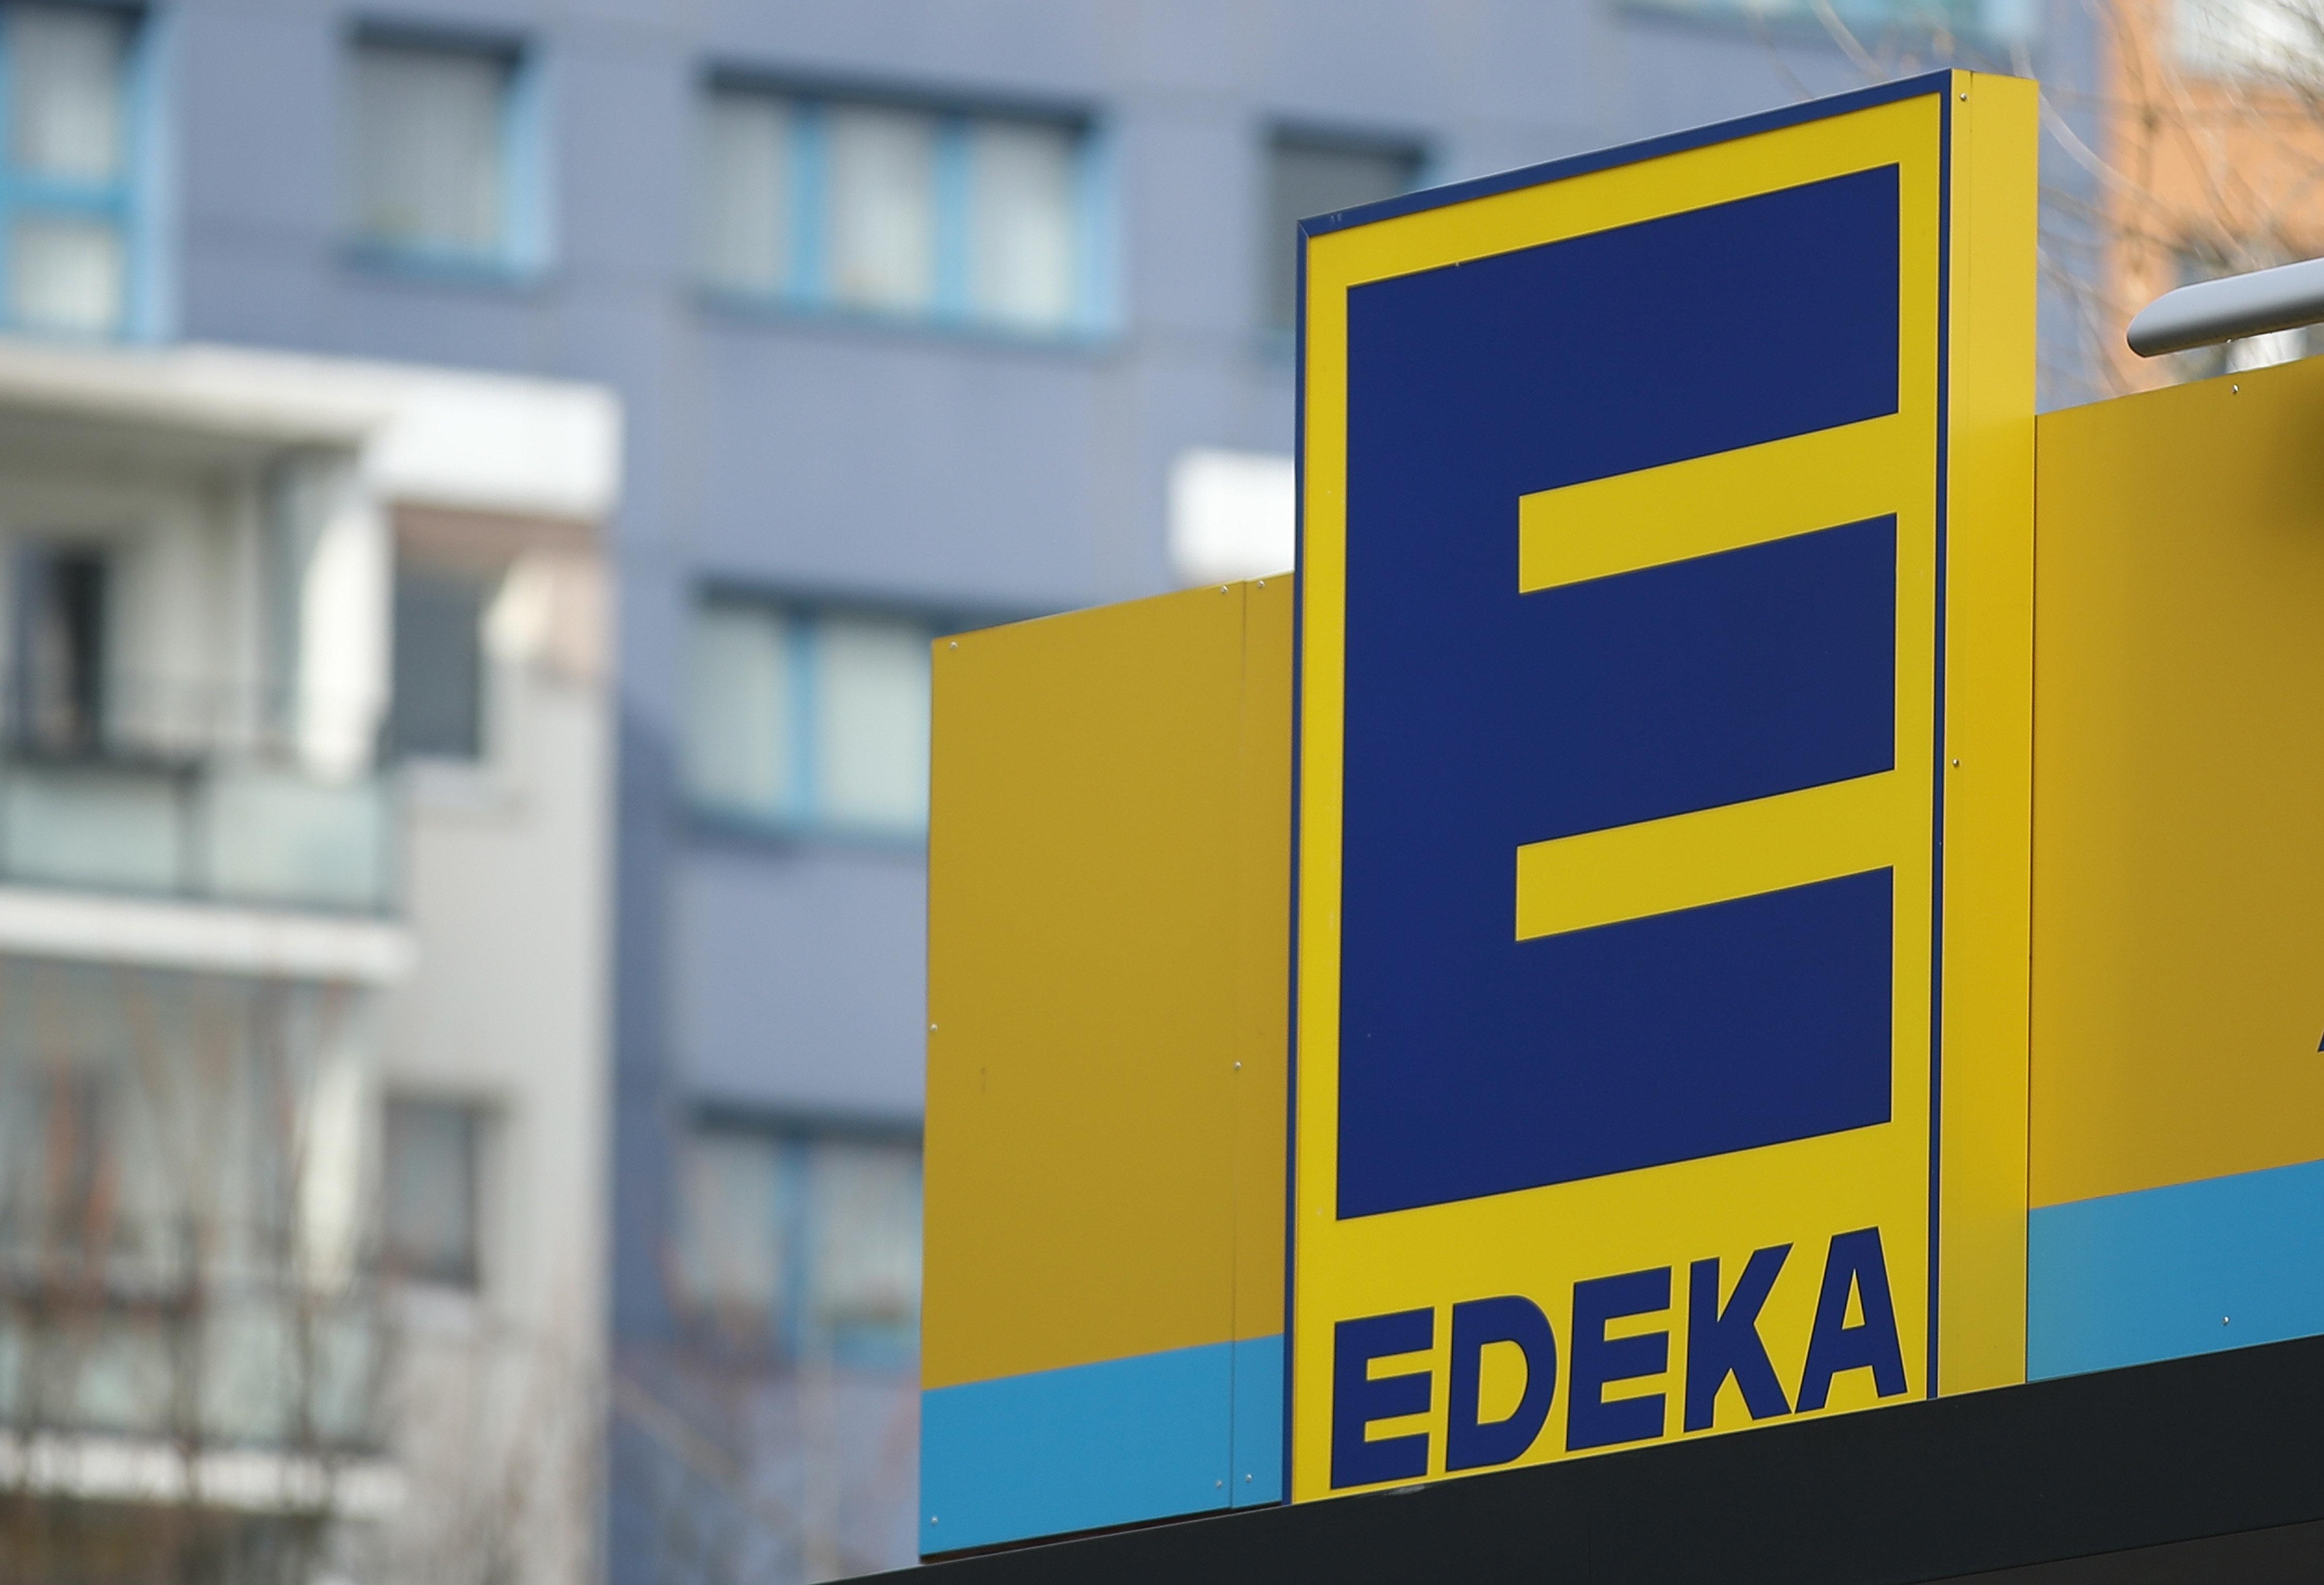 Boykott wird ausgeweitet Edeka verbannt weitere Nestlé-Produkte aus Sortiment